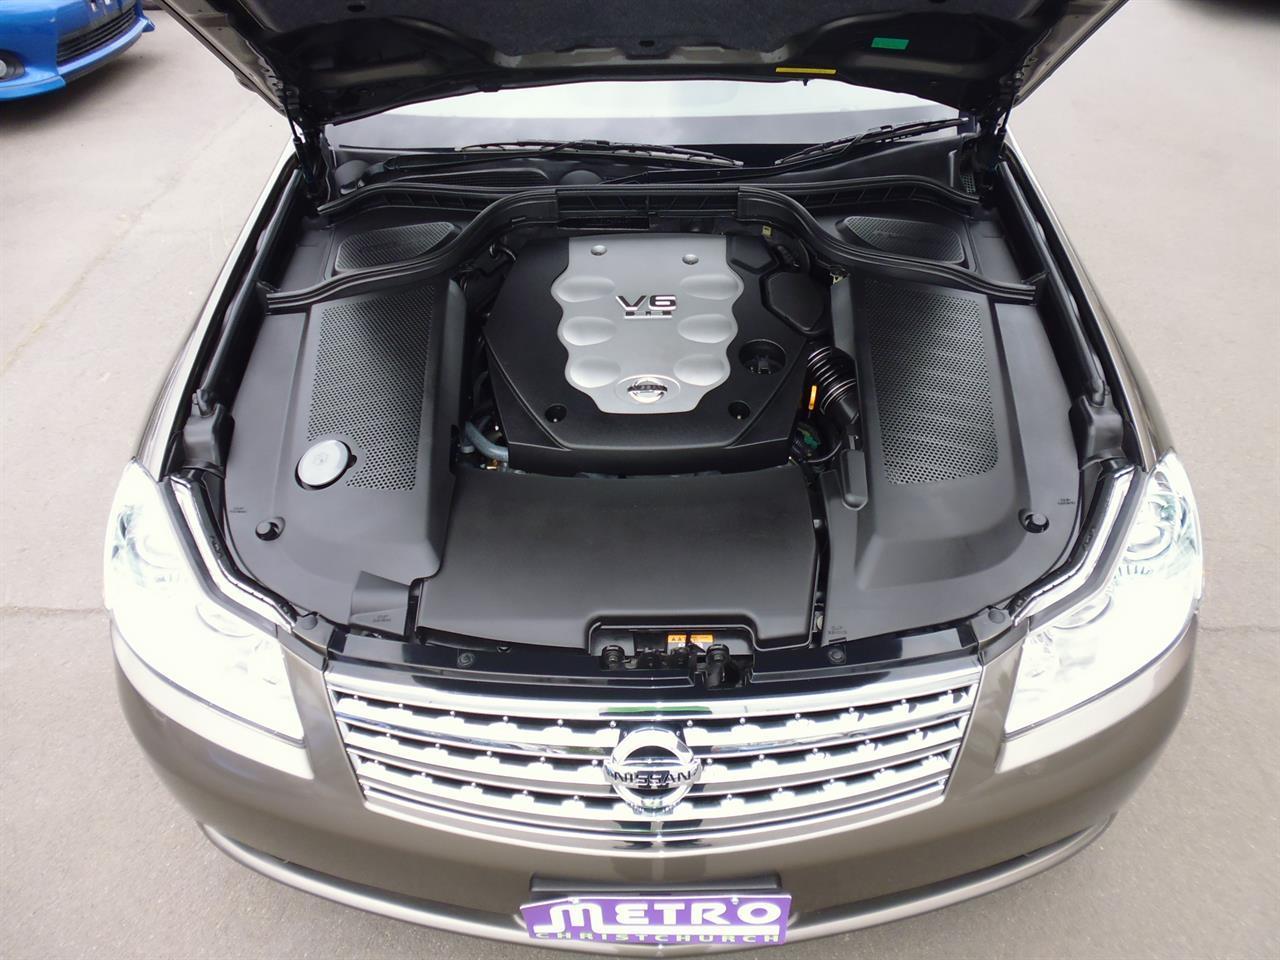 image-16, 2006 Nissan Fuga 350GT at Christchurch